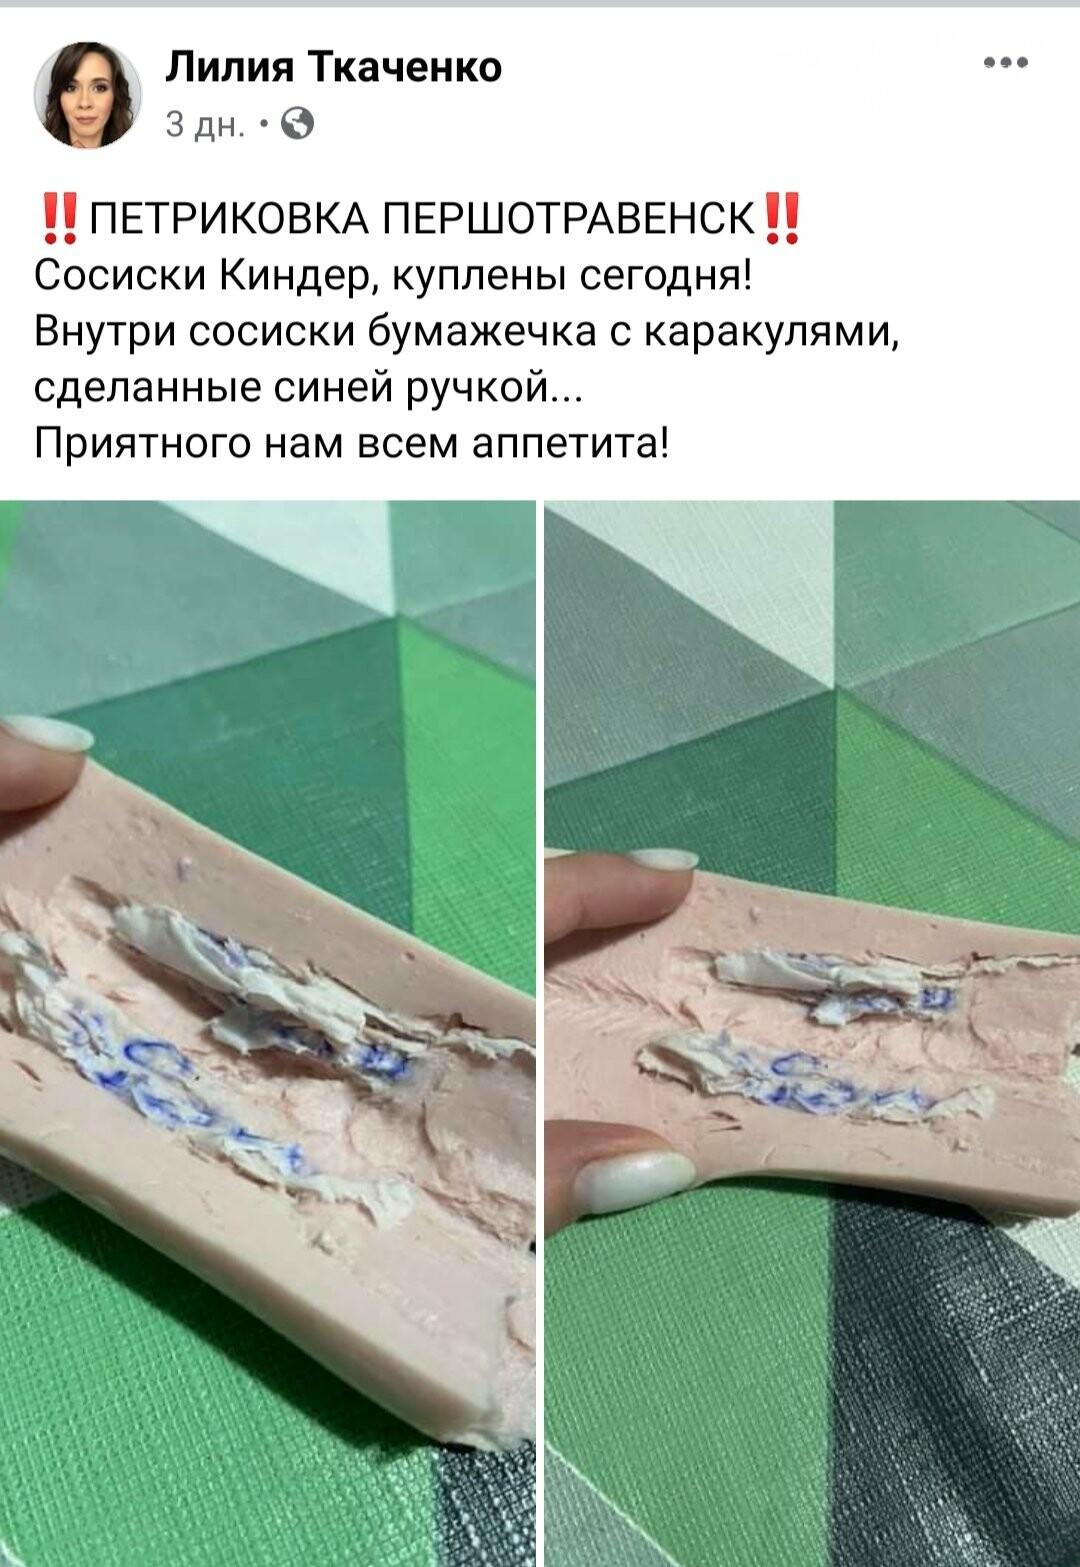 Жительница Першотравенска купила сосиски с «сюрпризом» внутри, фото-1